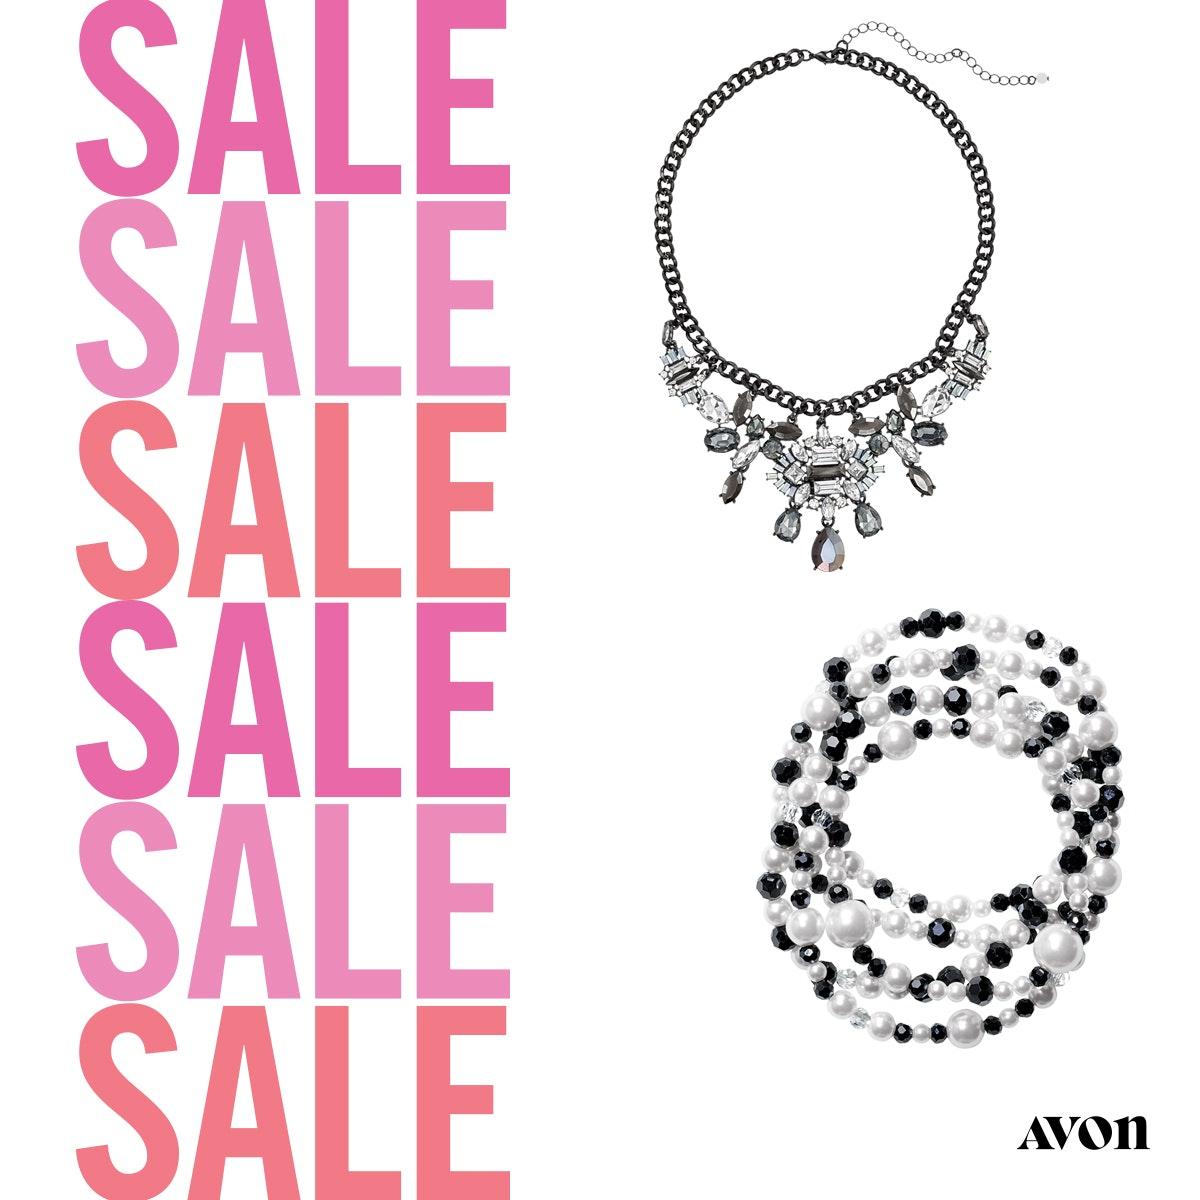 Avon Jewelry Sale